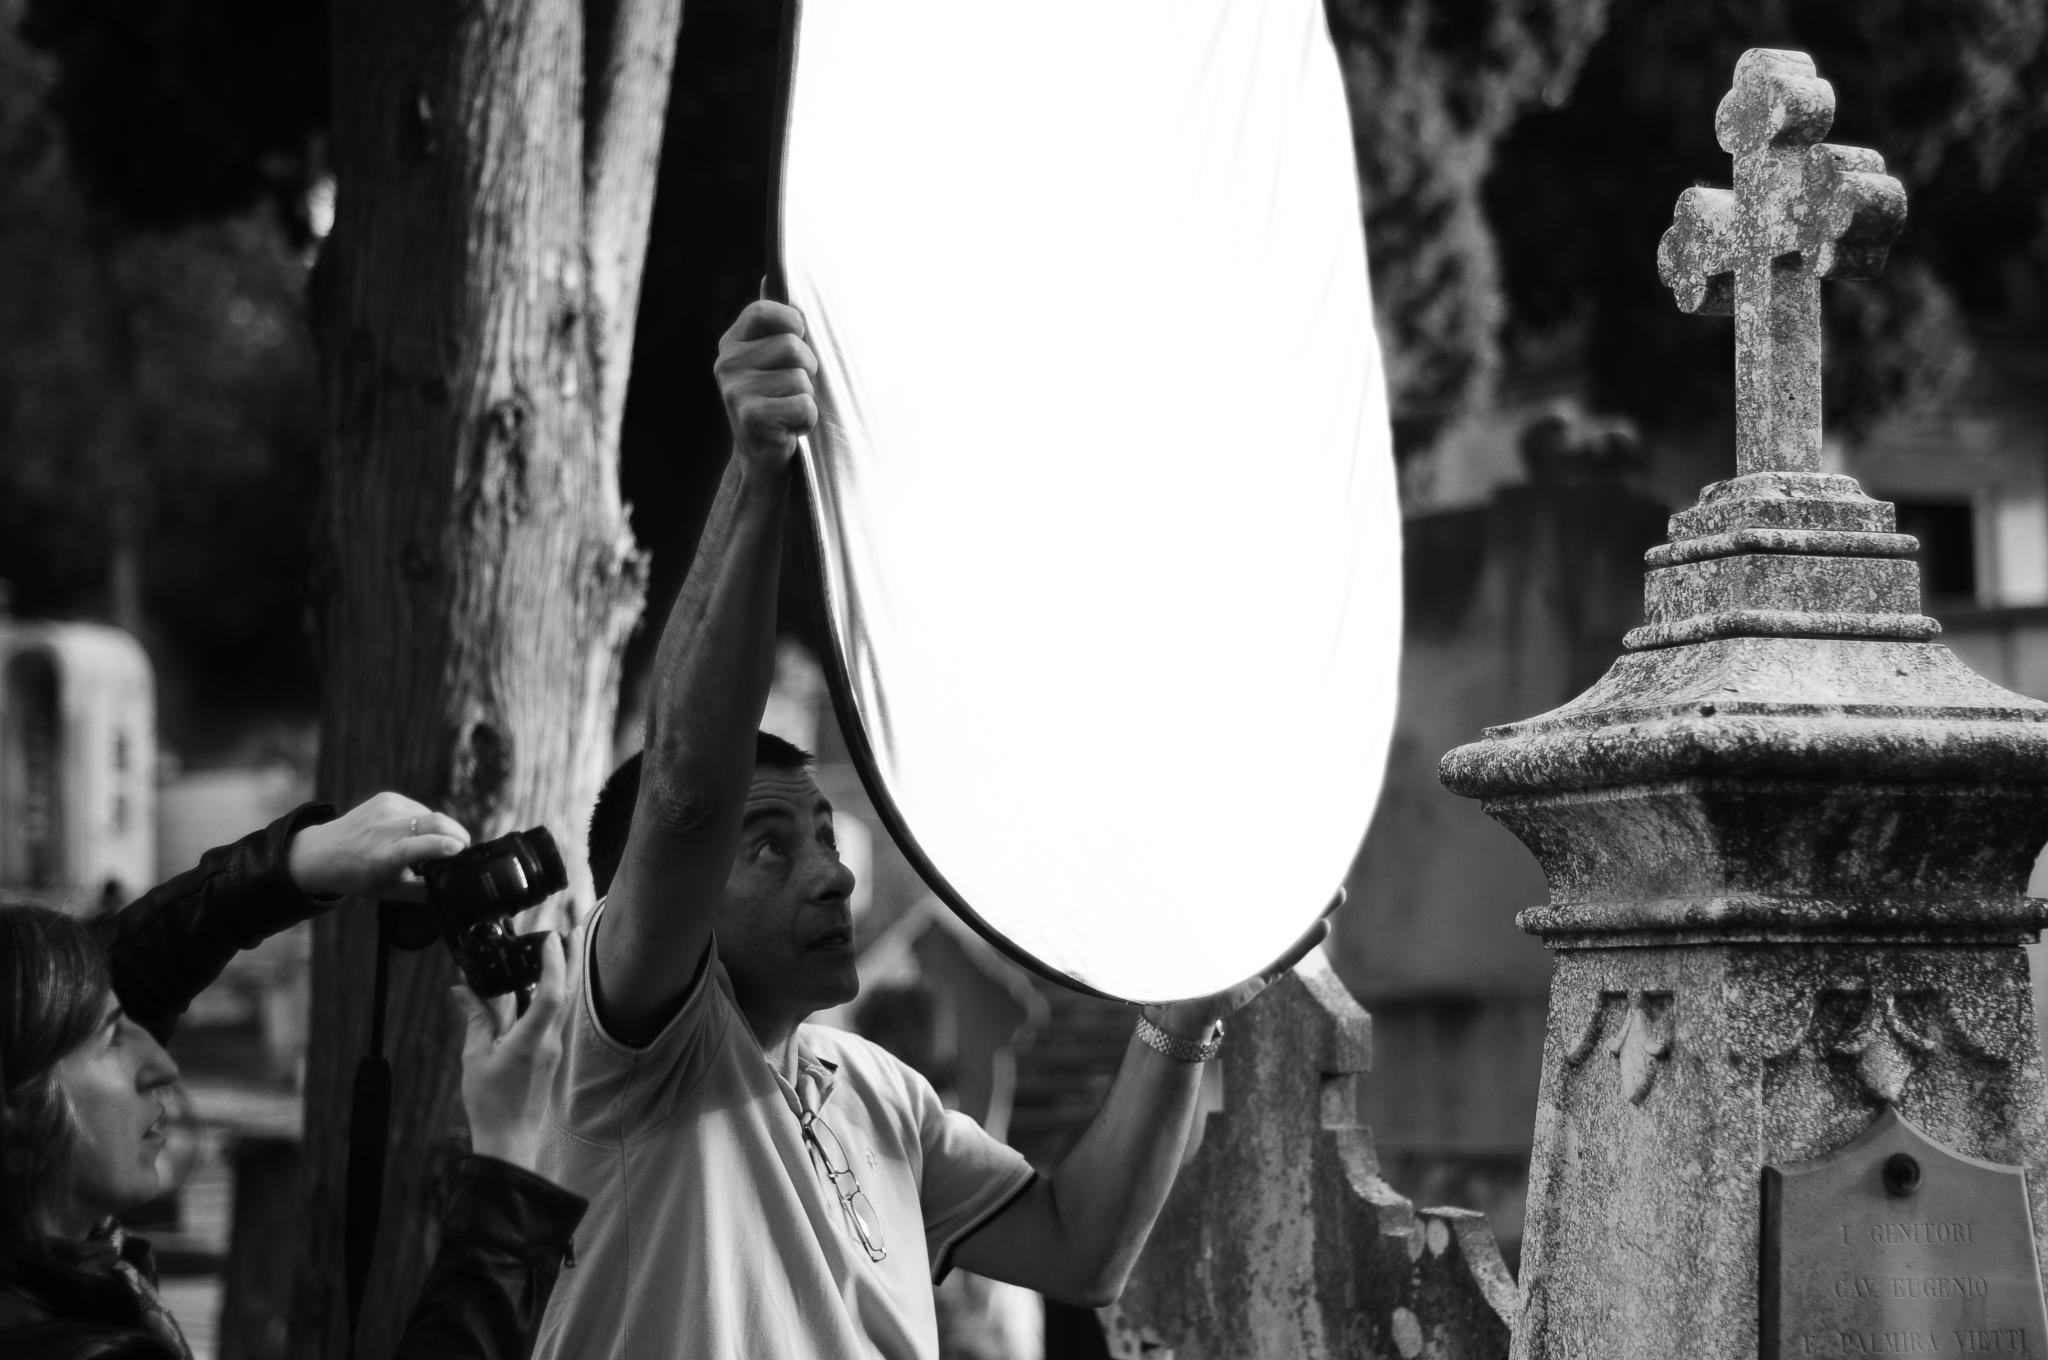 01 Nicola Castangia fotografo. Cagliari nuova edizione dei laboratori fotografici gratuiti curati da Nicola Castangia presso il cimitero monumentale di Bonaria.